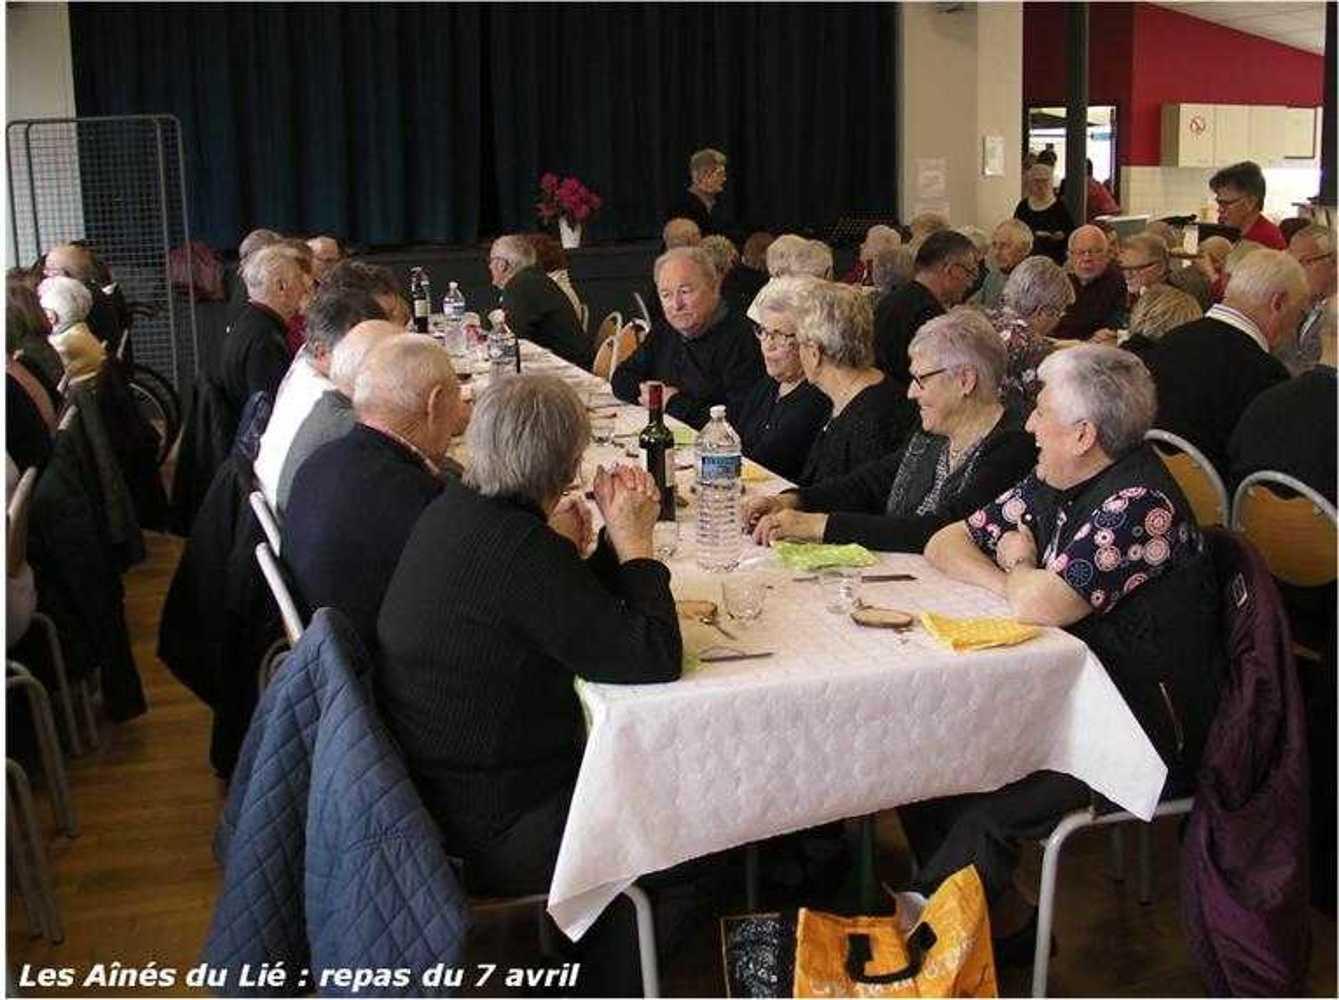 Les Aînés du Lié : photos du repas langue de boeuf image38